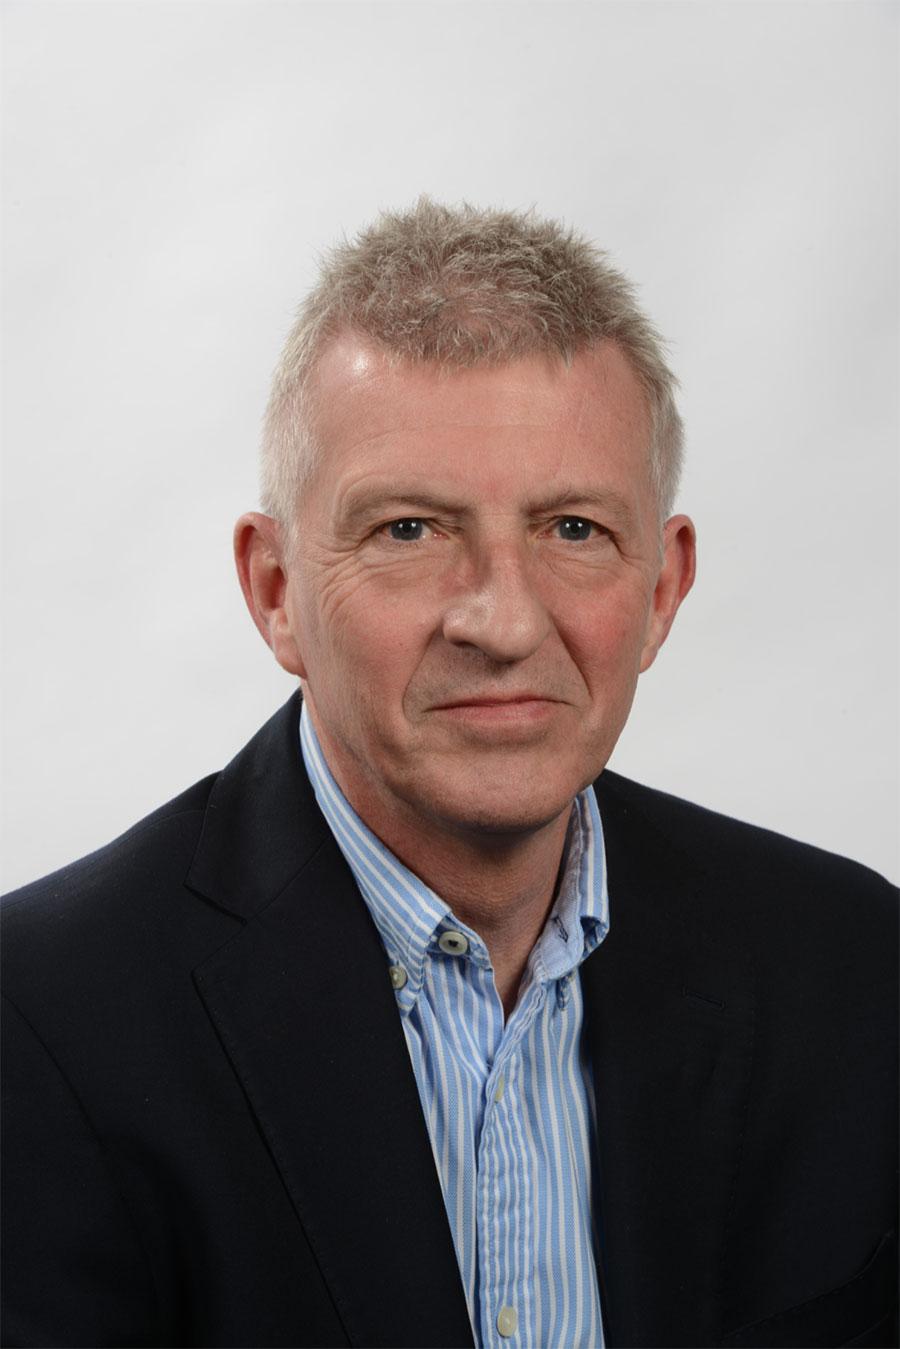 Bob Hanlon